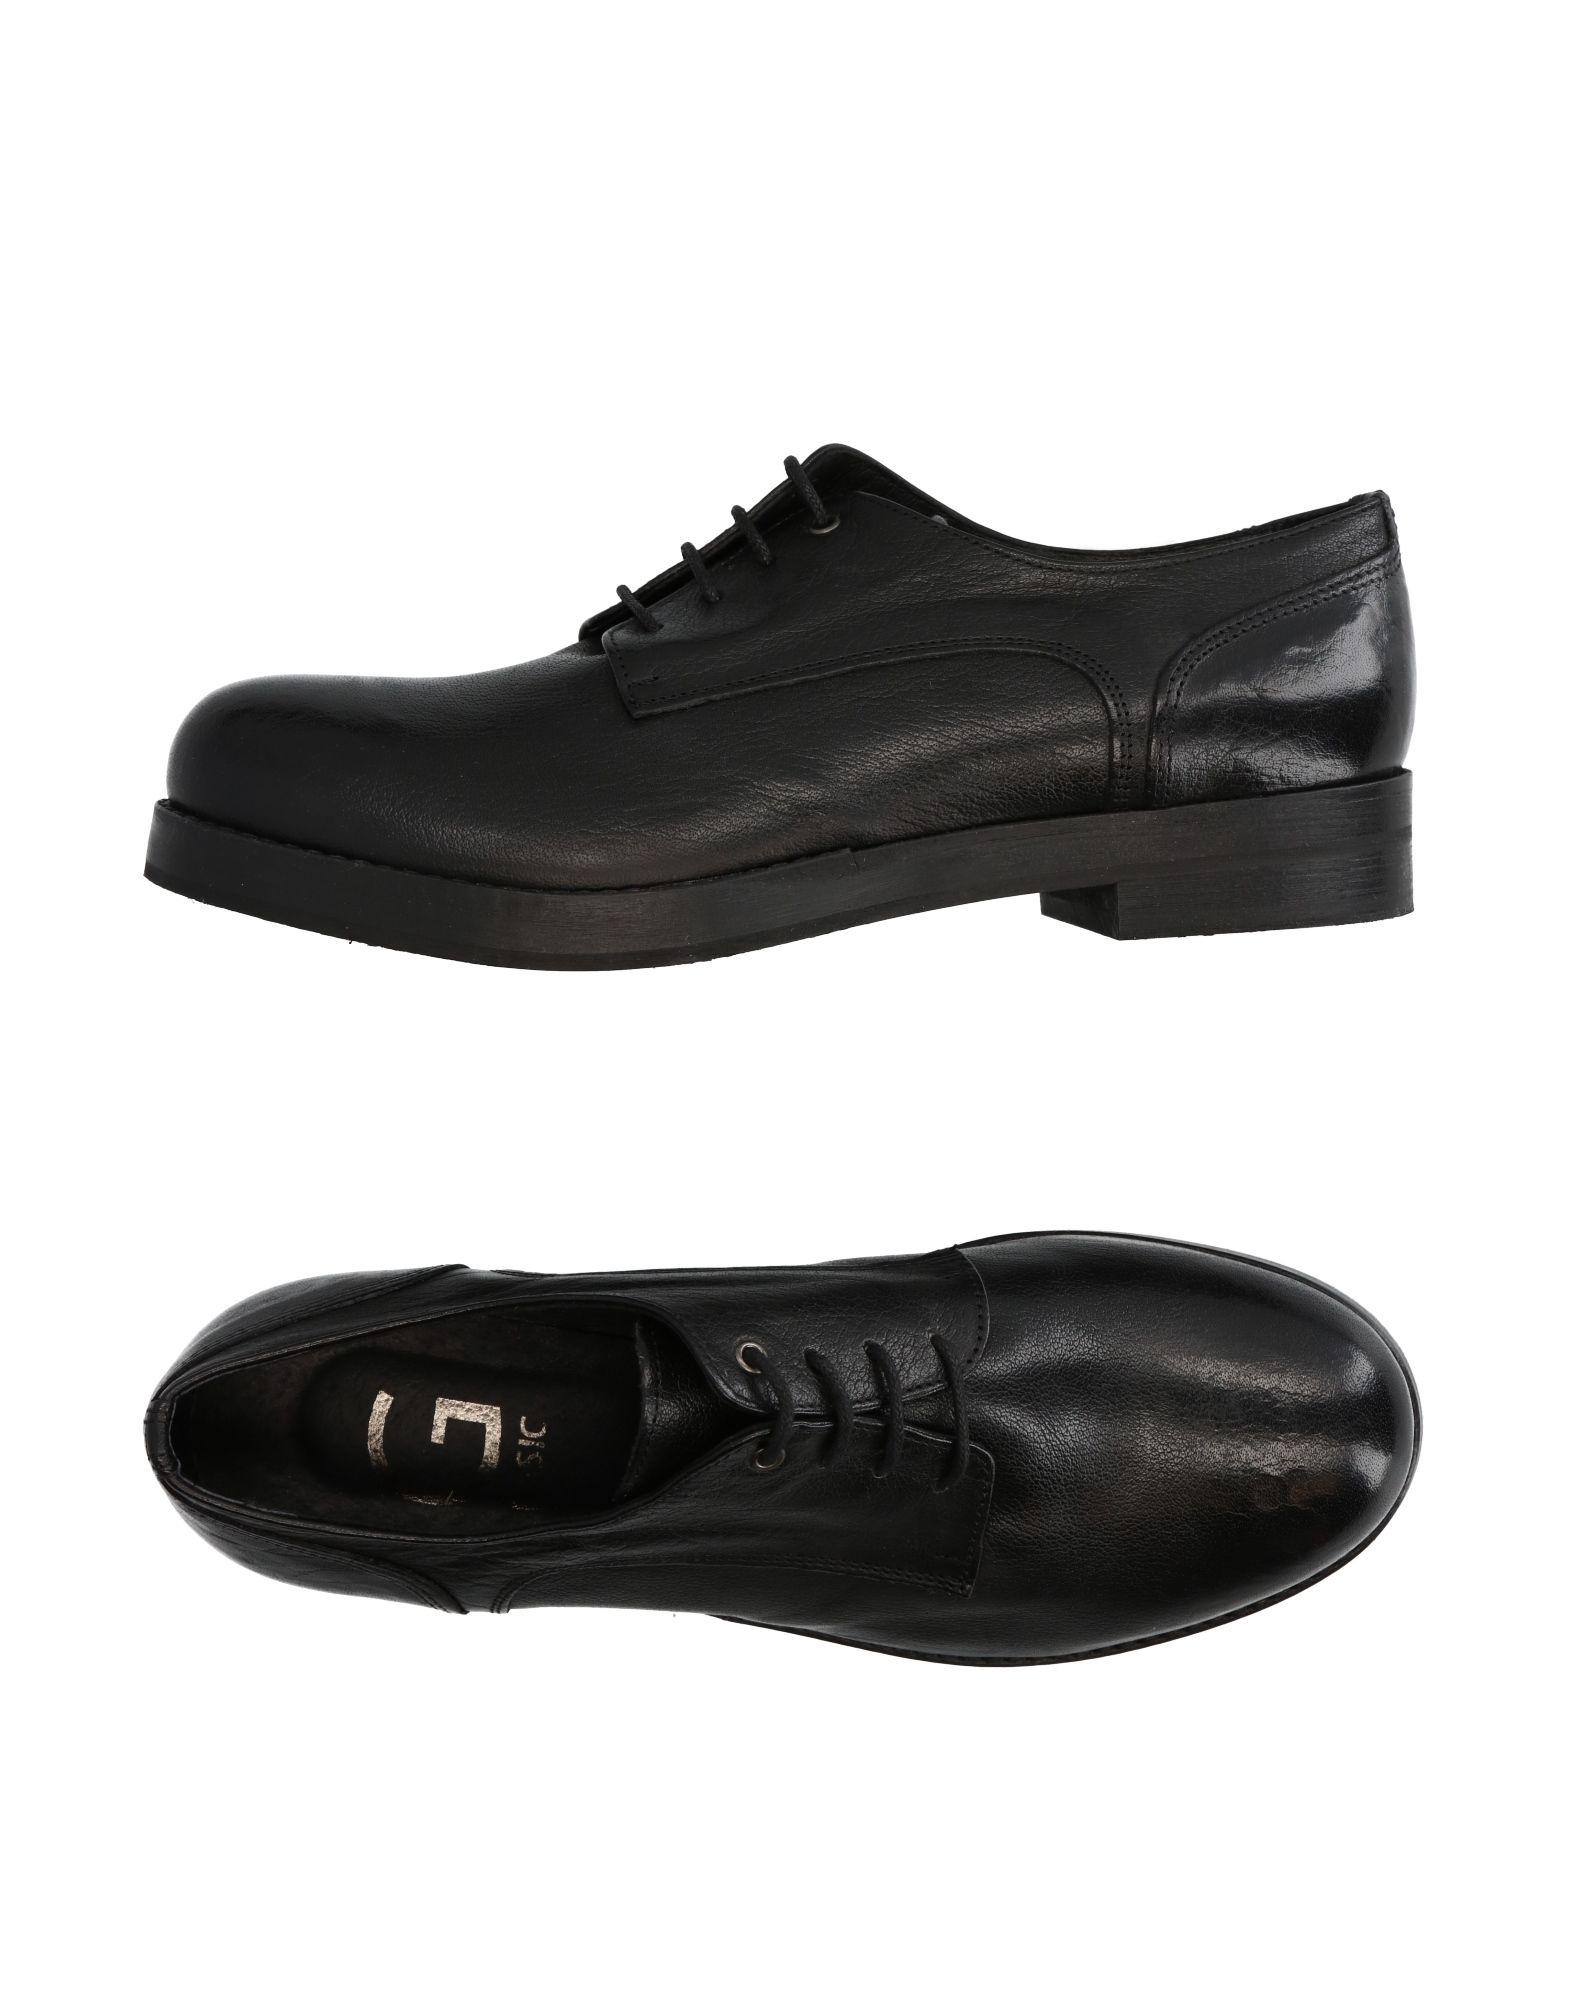 G Basic Basic G Schnürschuhe Damen  11297672DH Gute Qualität beliebte Schuhe 2fef1d